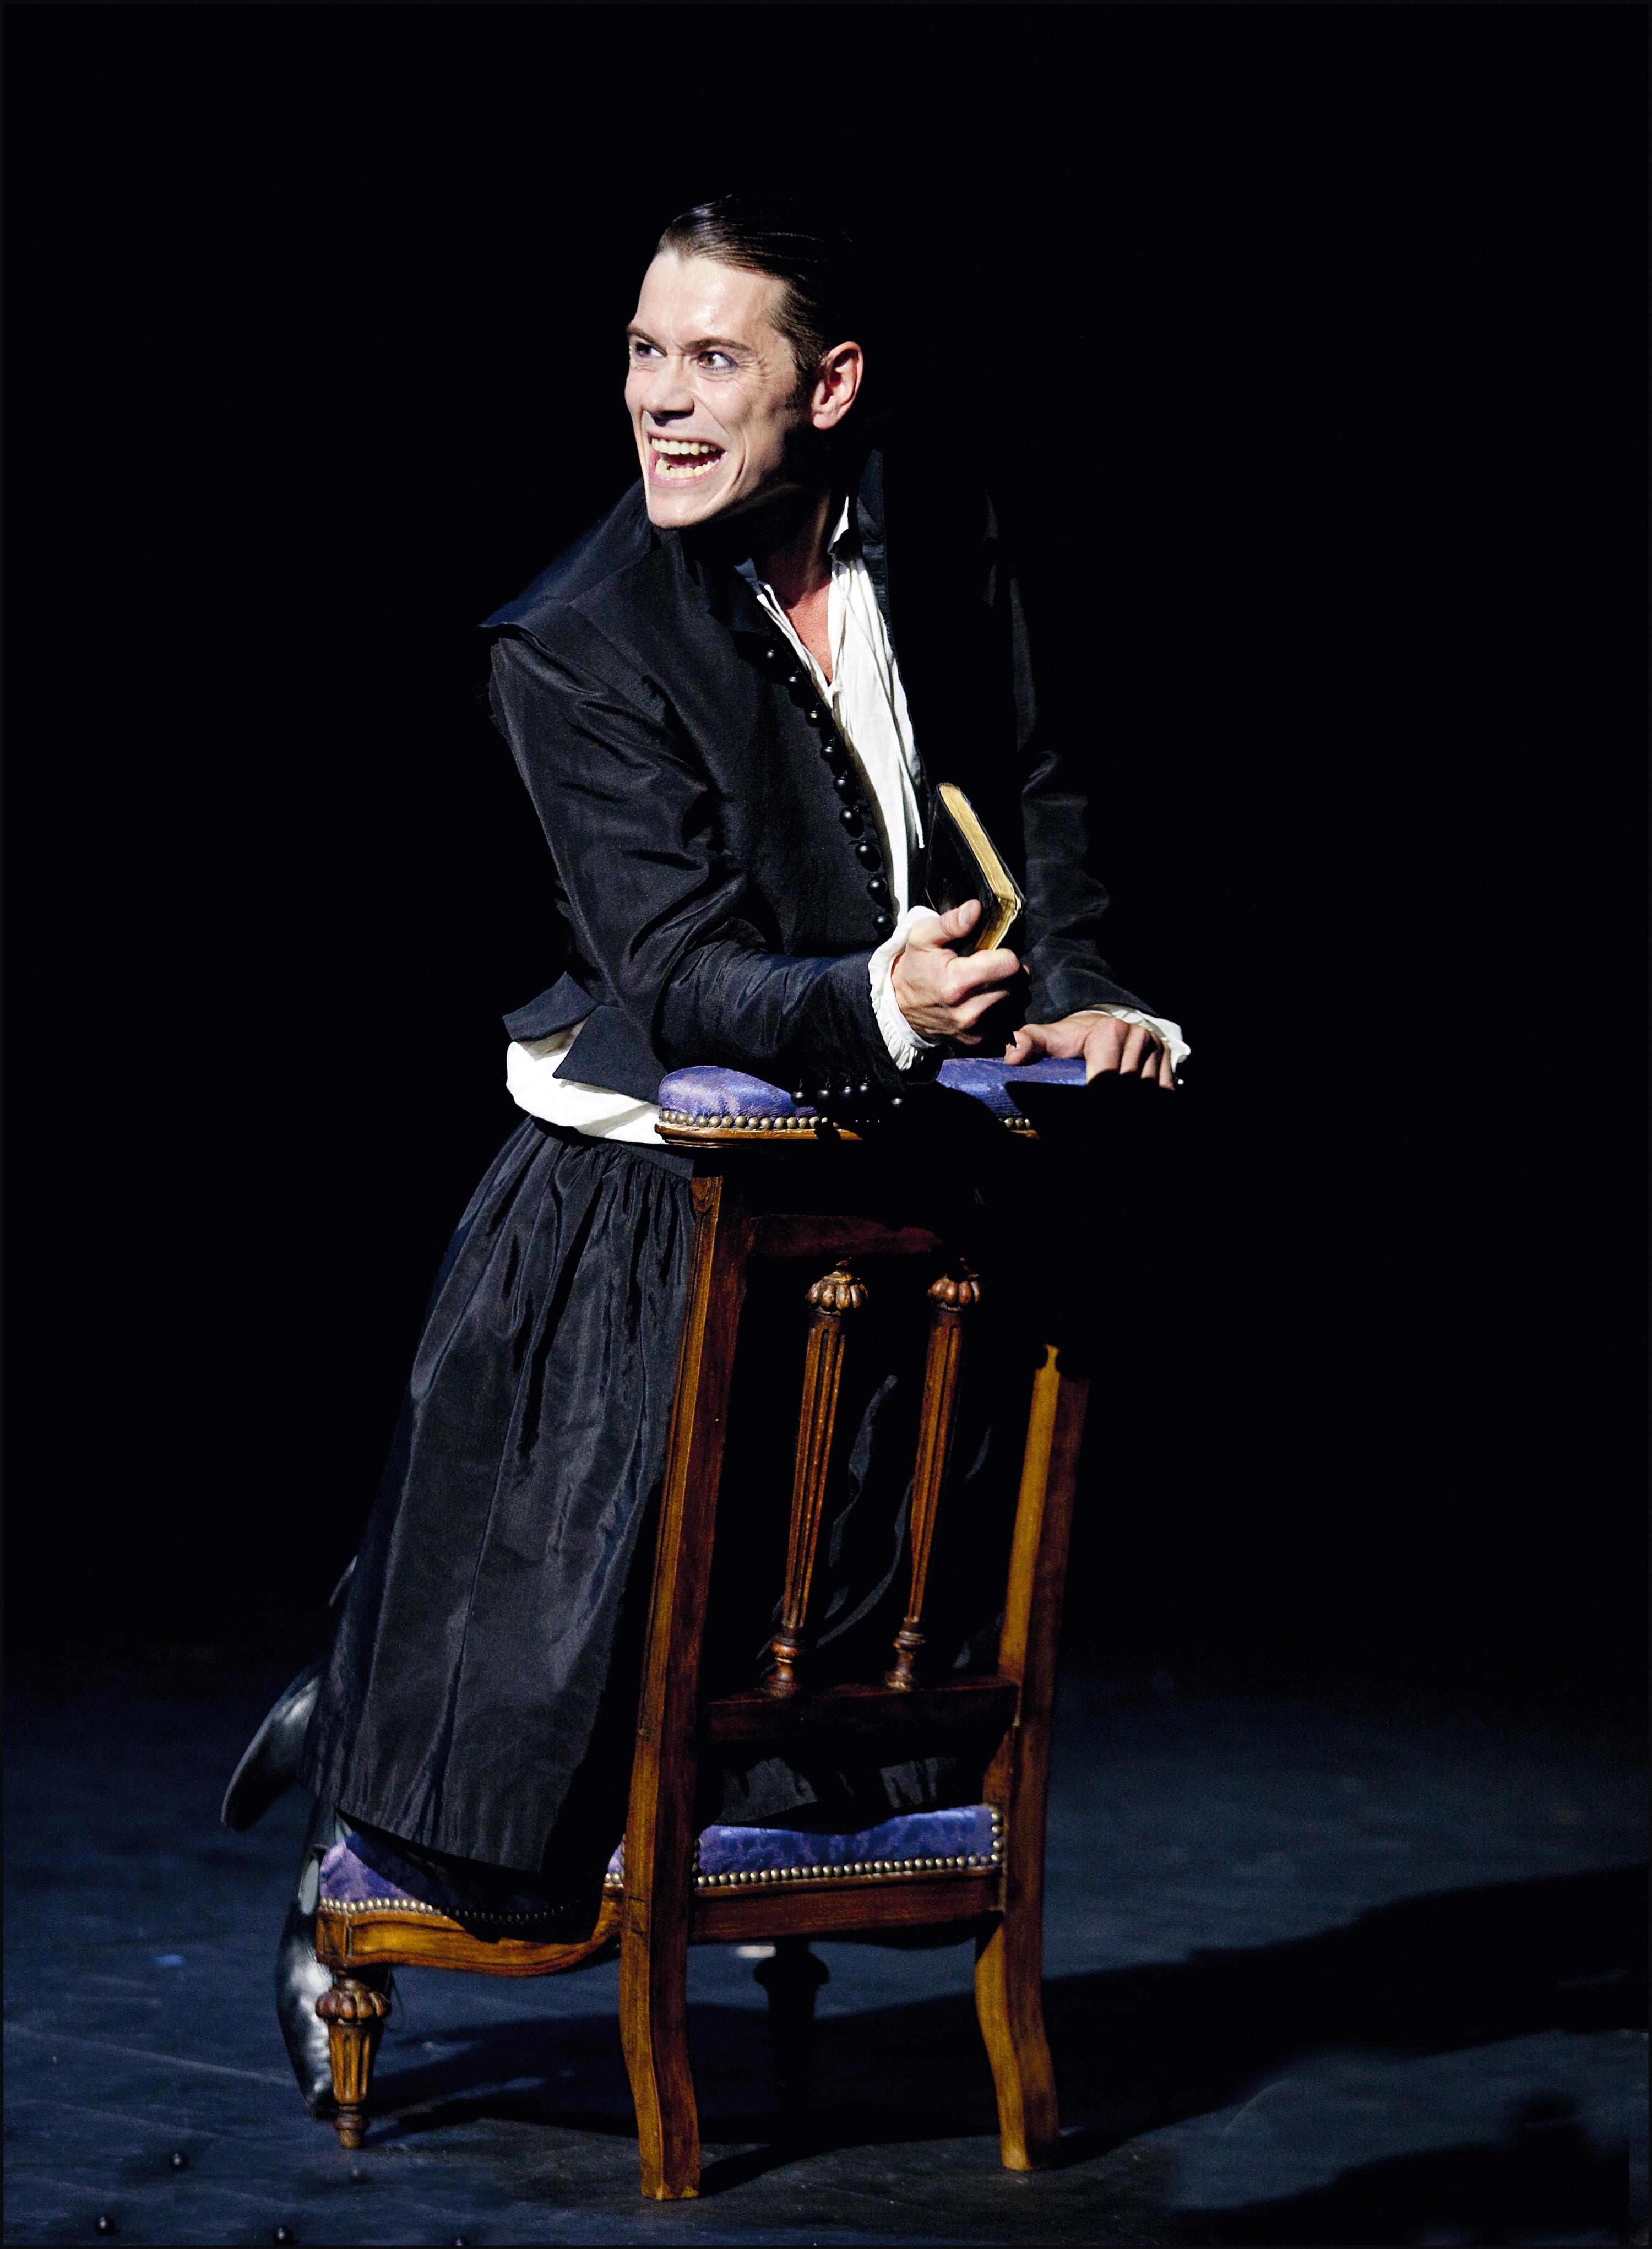 Loïc Corbery dans le rôle de Dom Juan, dans la mise en scène de Jean-Pierre Vincent, Comédie-Française (Théâtre Éphémère), Paris, 2012.